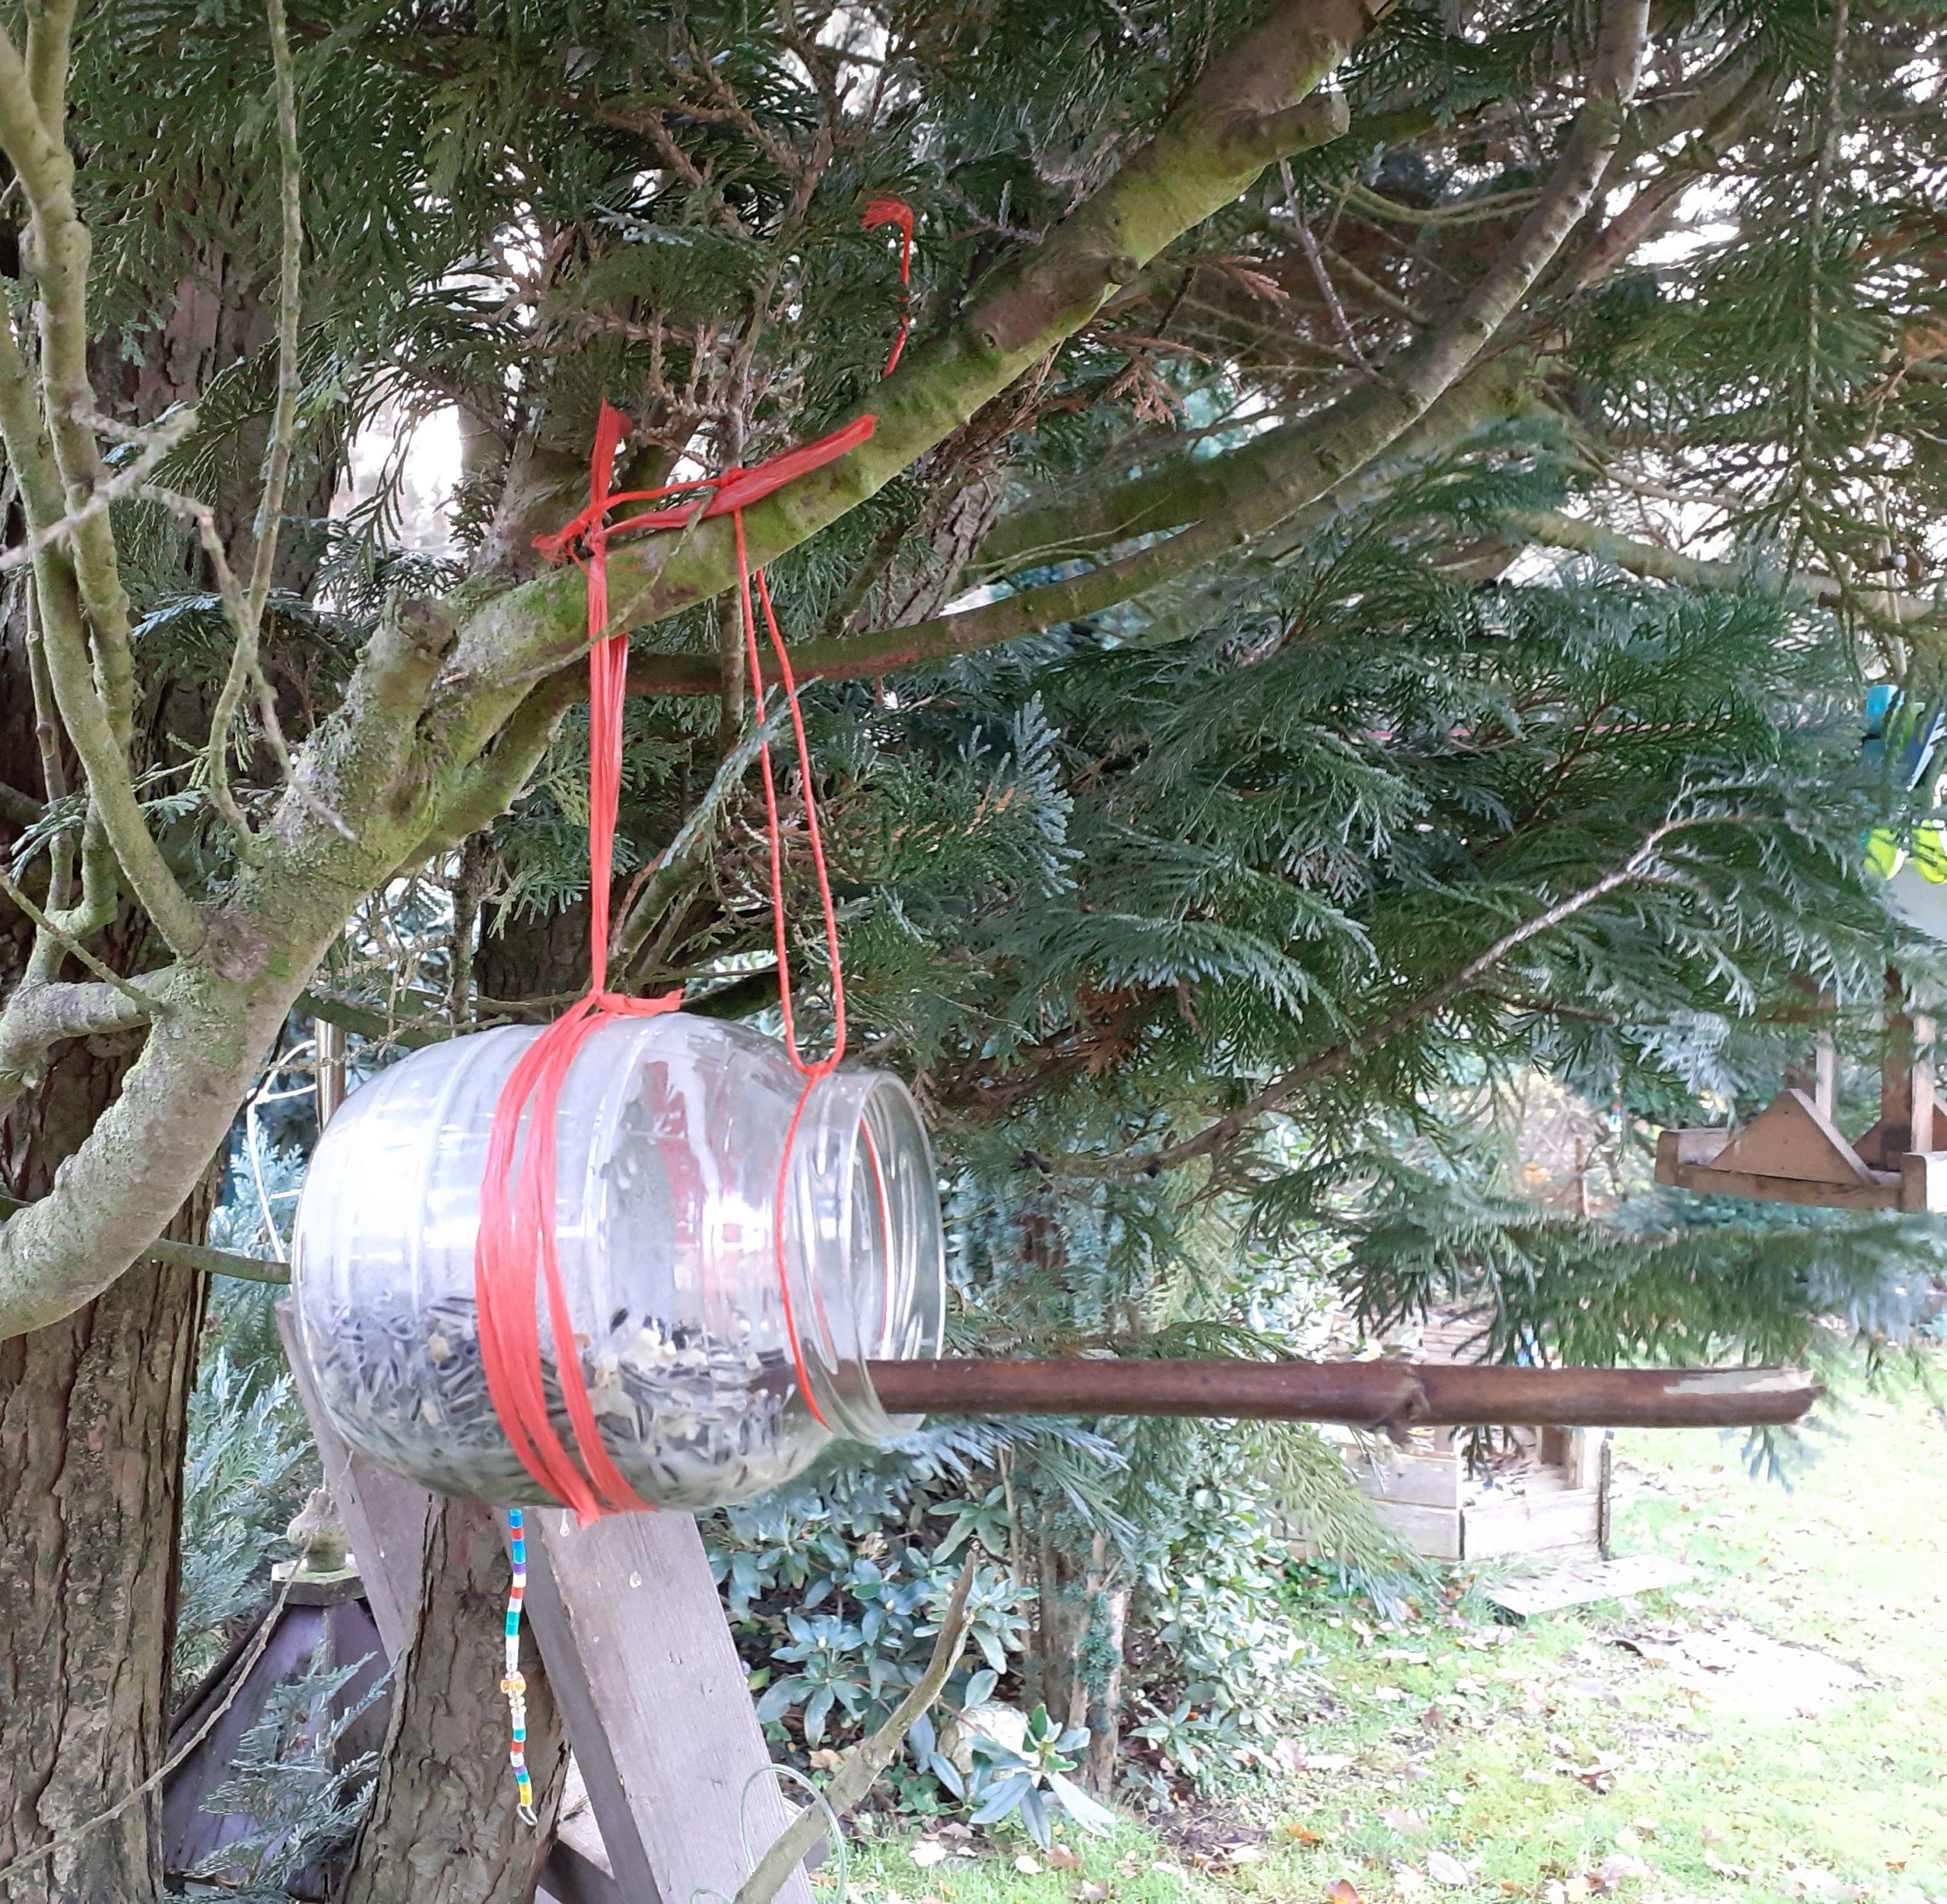 FERIENSPASSAKTION mit dem BUND: Vogelfutter selbstgemacht